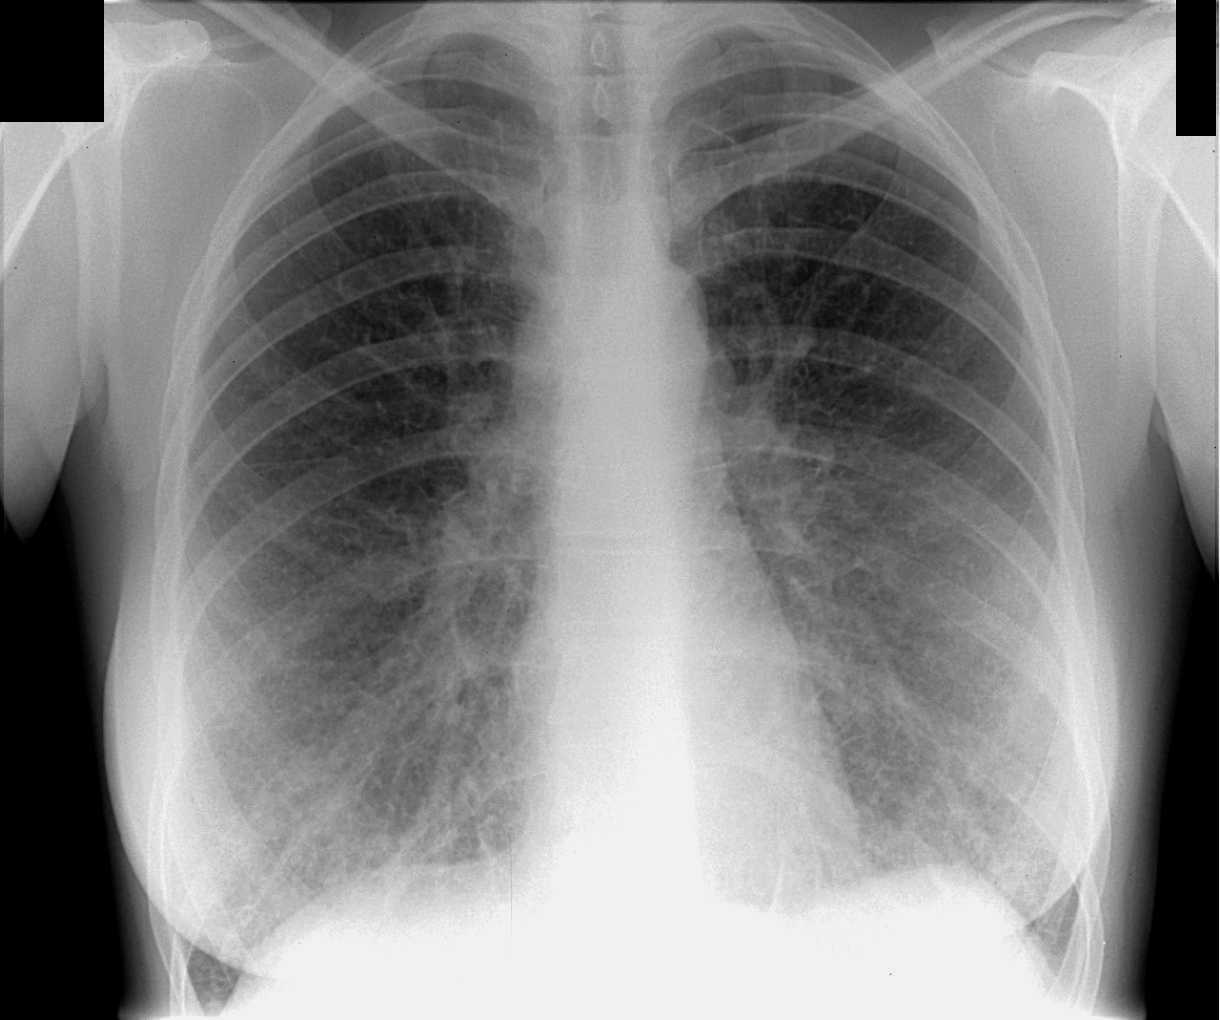 фото лёгких флюорография